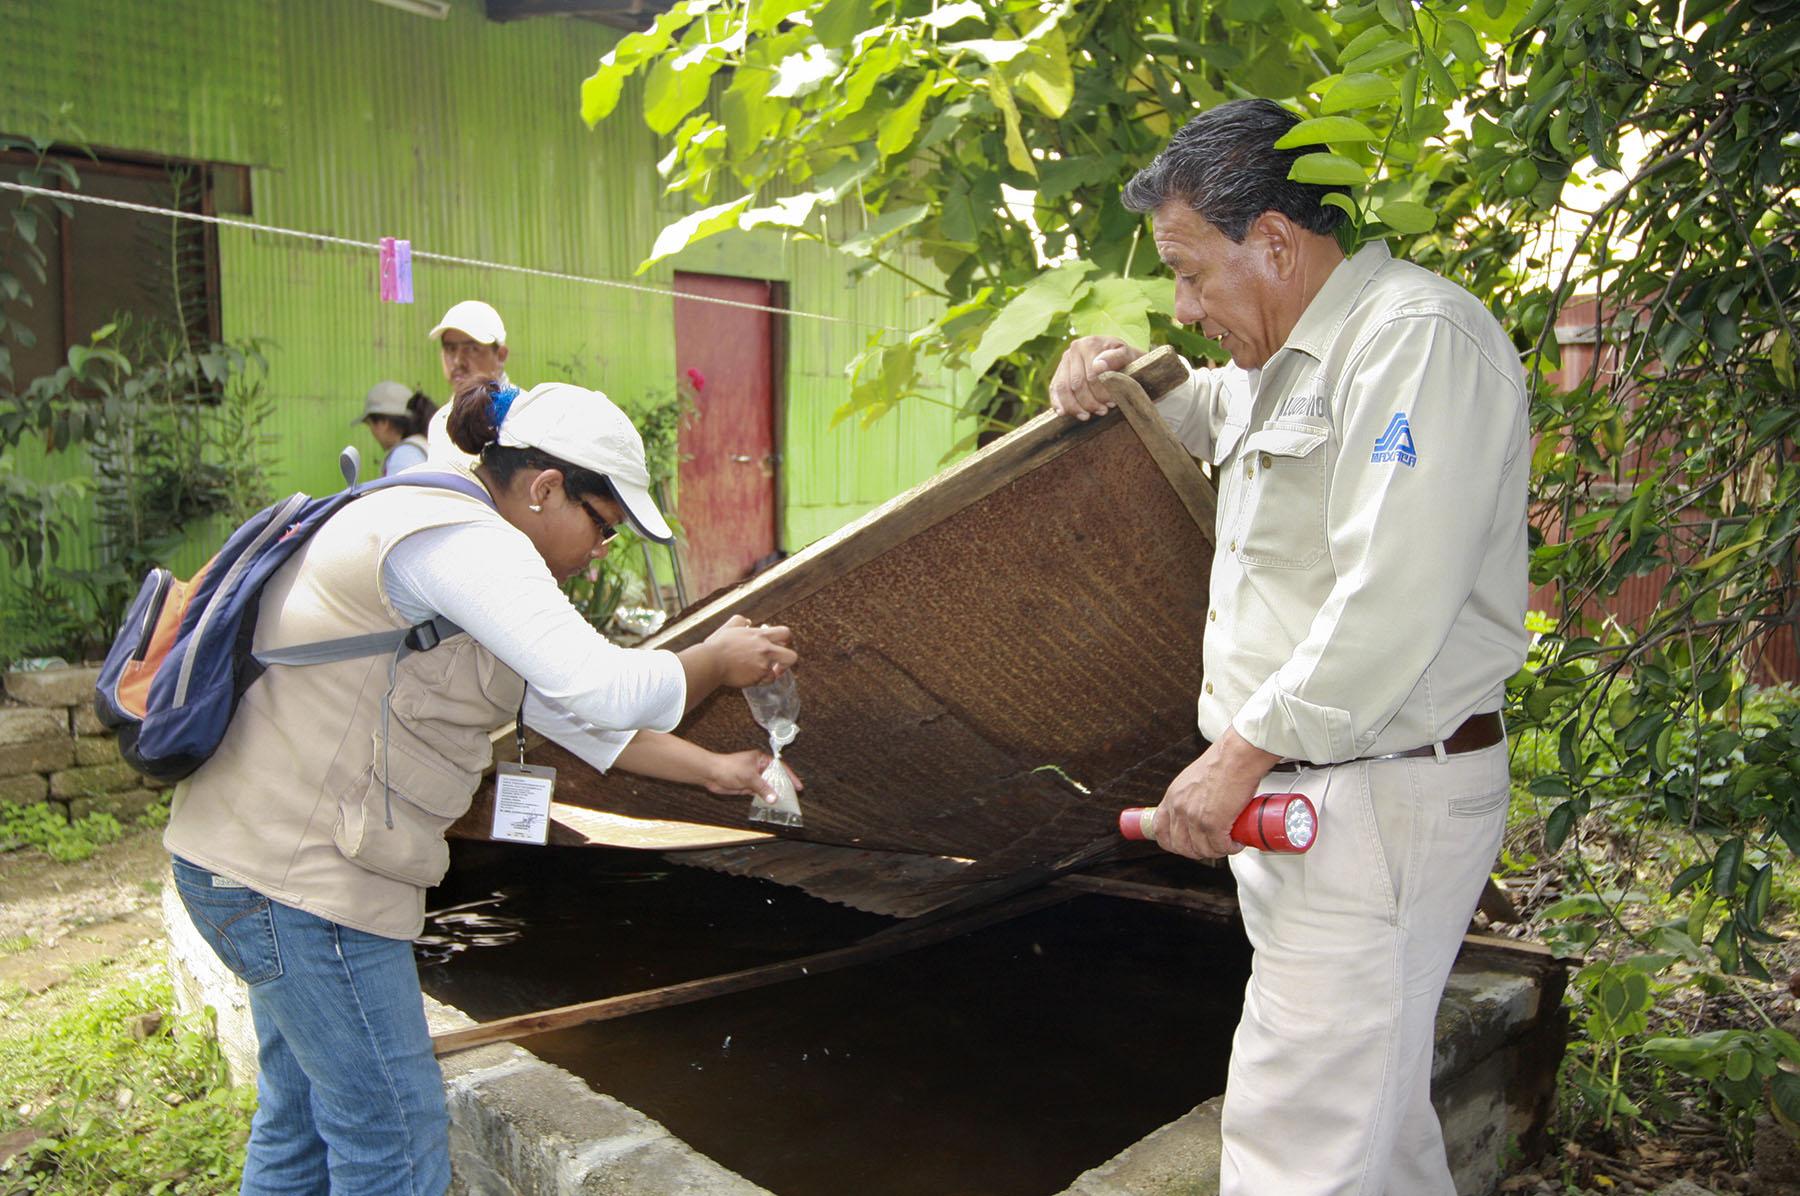 Hombre y mujer revisando sitios posibles de criaderos del zika.